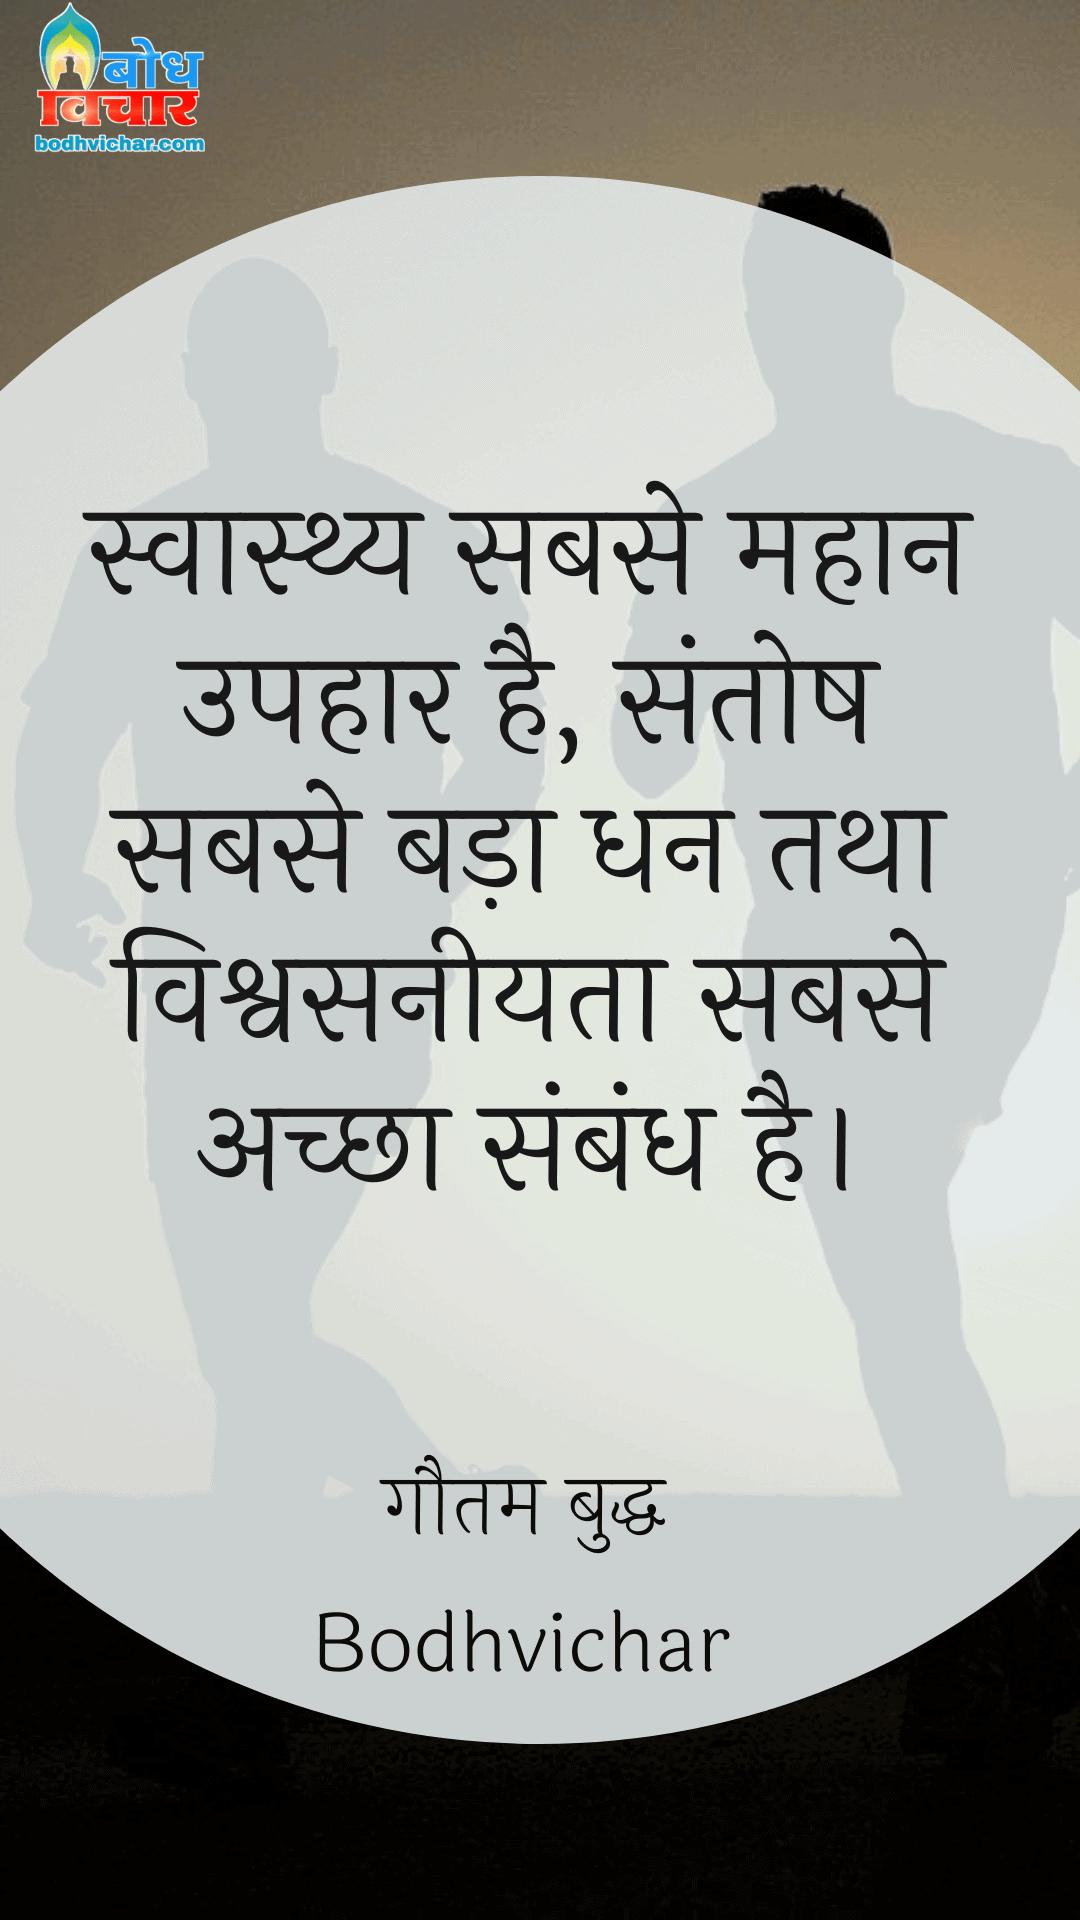 स्वास्थ्य सबसे महान उपहार है, संतोष सबसे बड़ा धन तथा विश्वसनीयता सबसे अच्छा संबंध है। : Swasthya sabse mahan uphar hai, santoshsabse bda dhan tatha vishwashneeyta sabse achcha sambandh. - गौतम बुद्ध